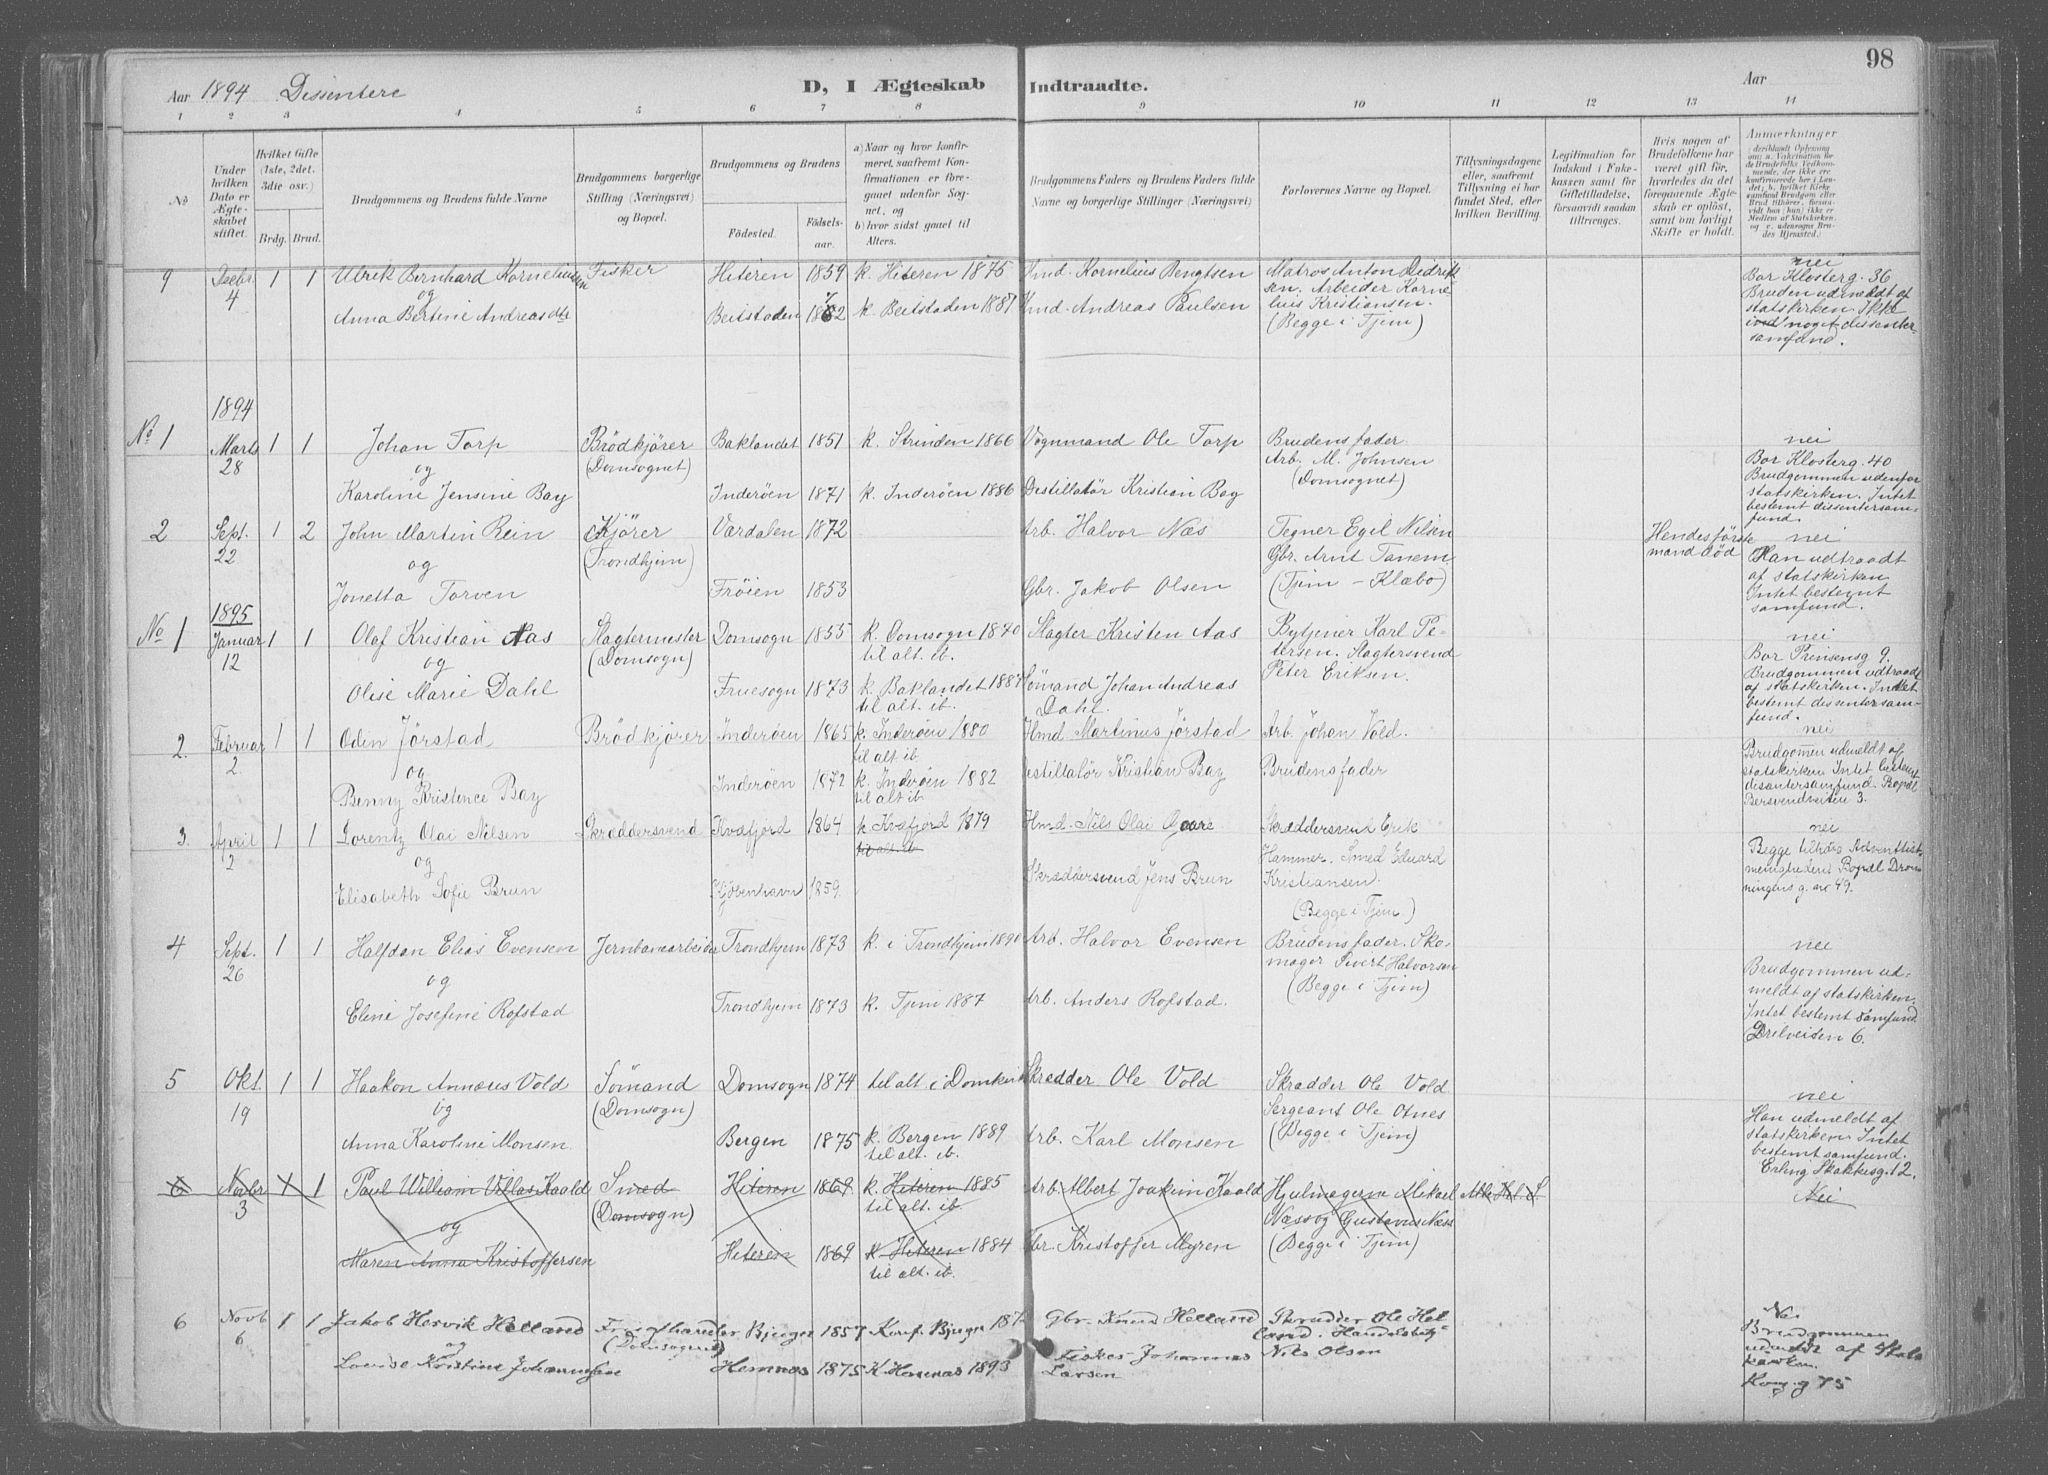 SAT, Ministerialprotokoller, klokkerbøker og fødselsregistre - Sør-Trøndelag, 601/L0064: Ministerialbok nr. 601A31, 1891-1911, s. 98